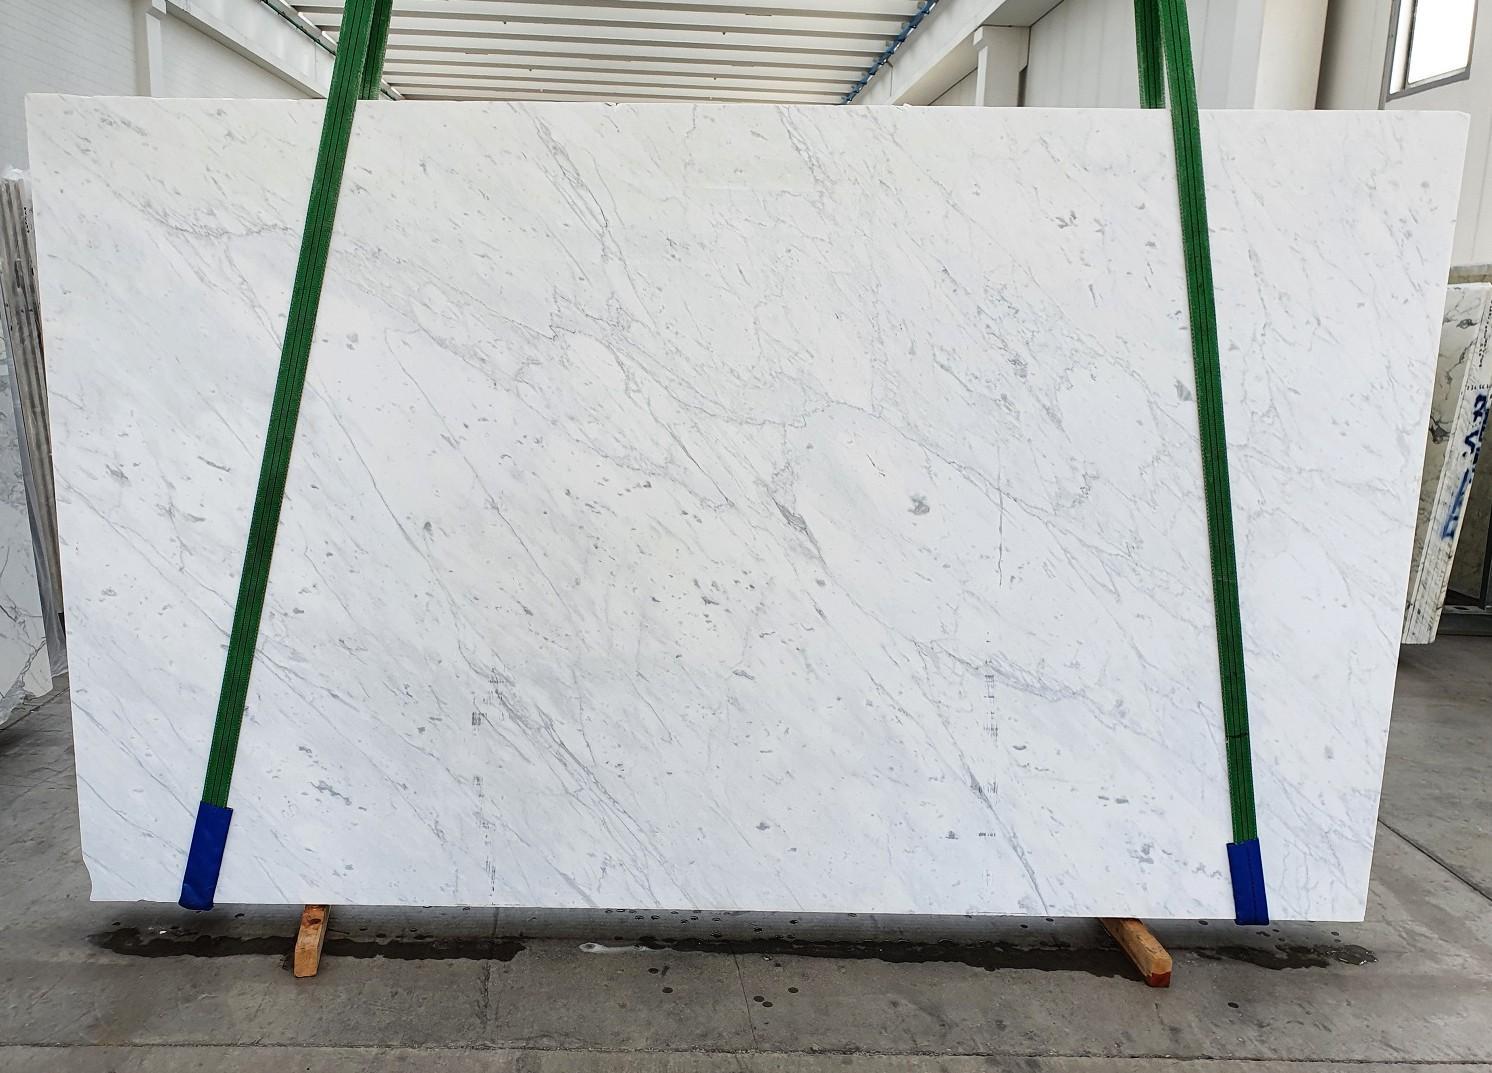 BIANCO CARRARA C Fourniture Veneto (Italie) d' dalles brillantes en marbre naturel 1441 , Slab #19